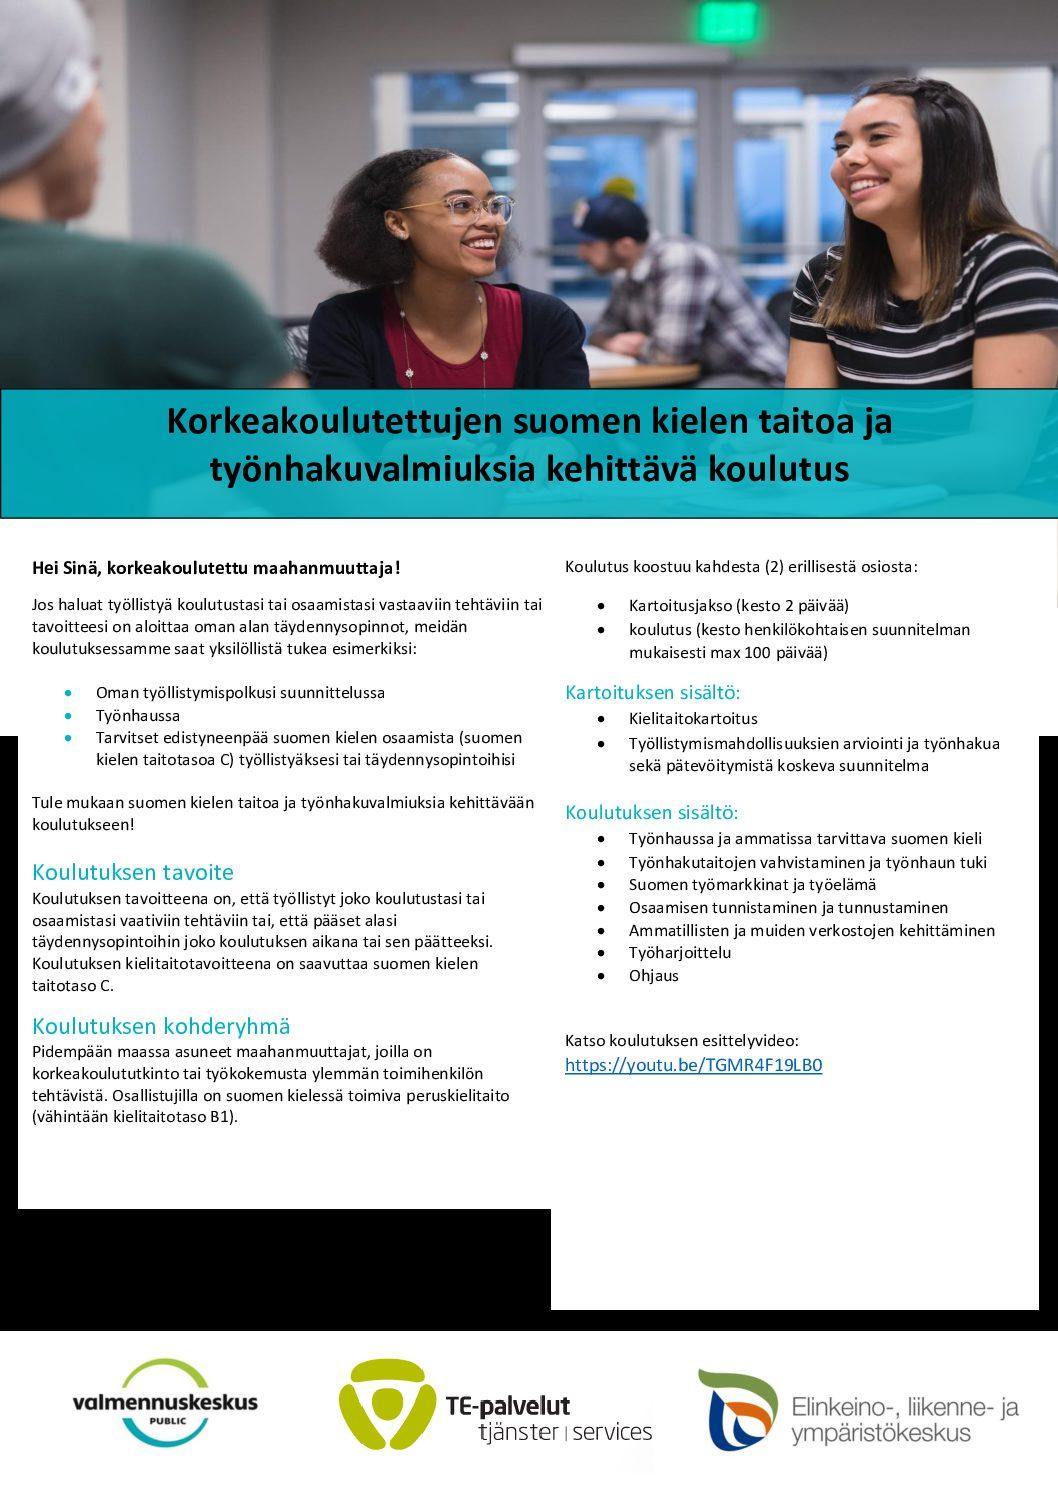 Обучение для иммигрантов с высшим образованием5 (2)